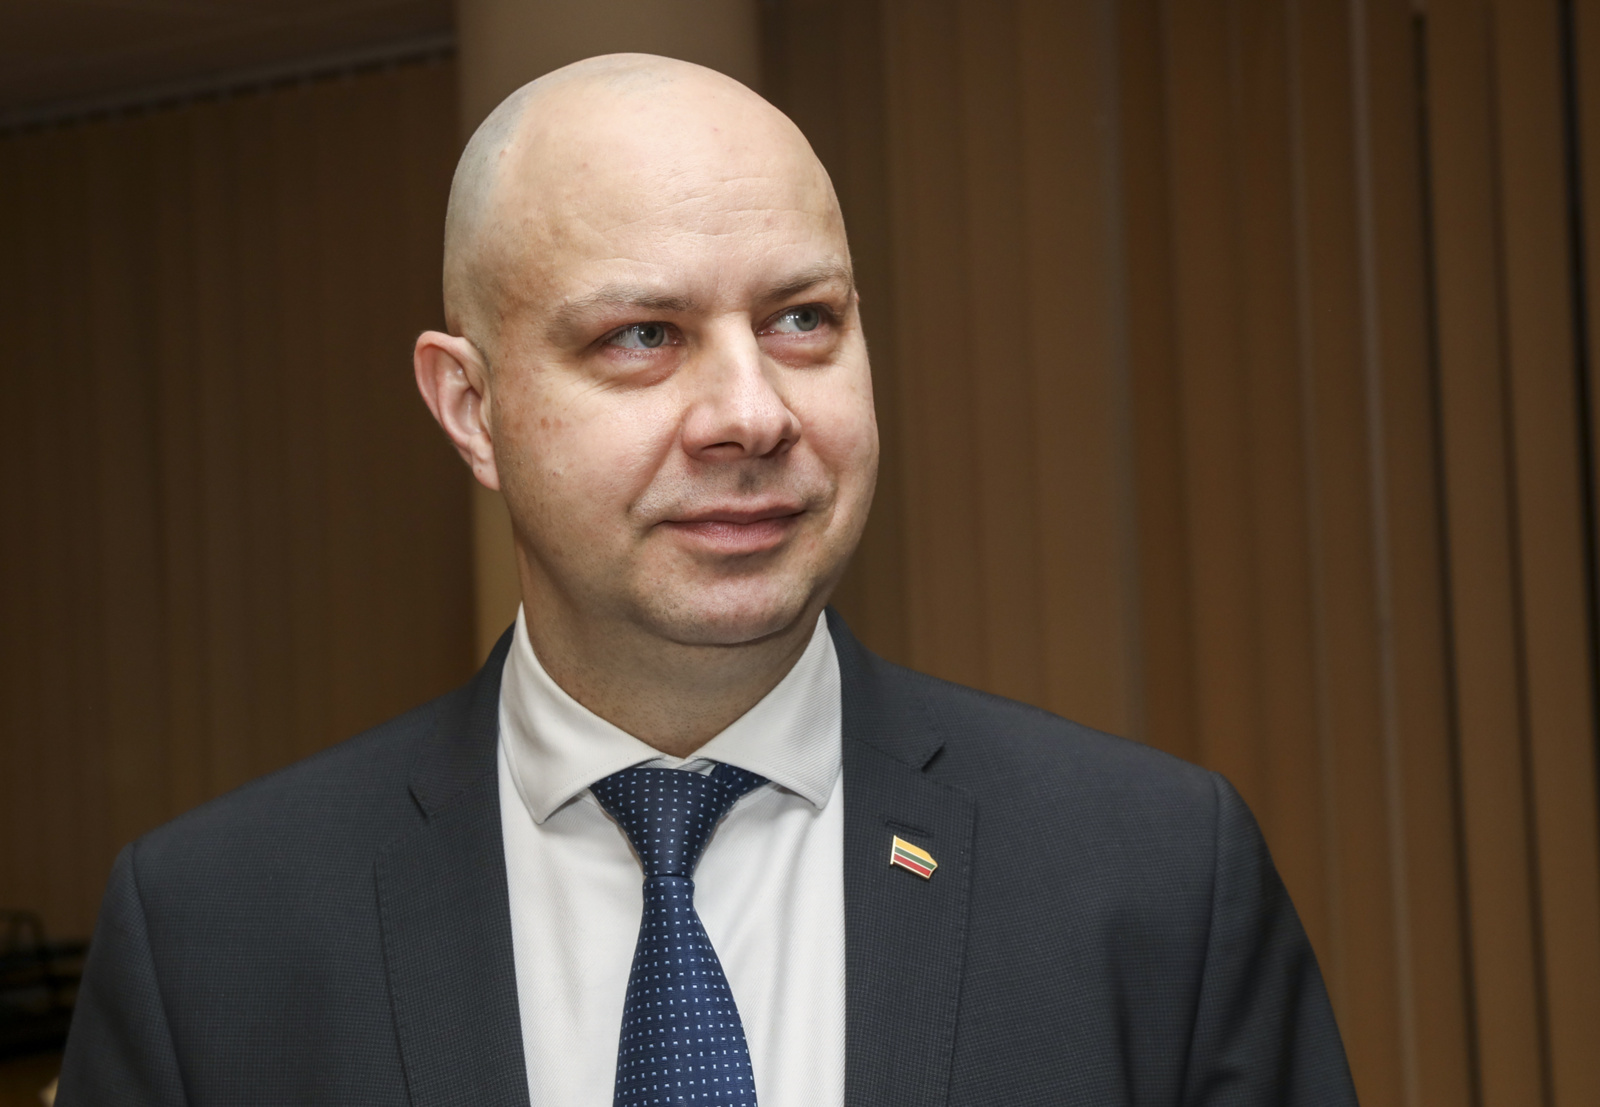 Sprendimą dėl korupcija įtariamos viceministrės A. Veryga žada penktadienį